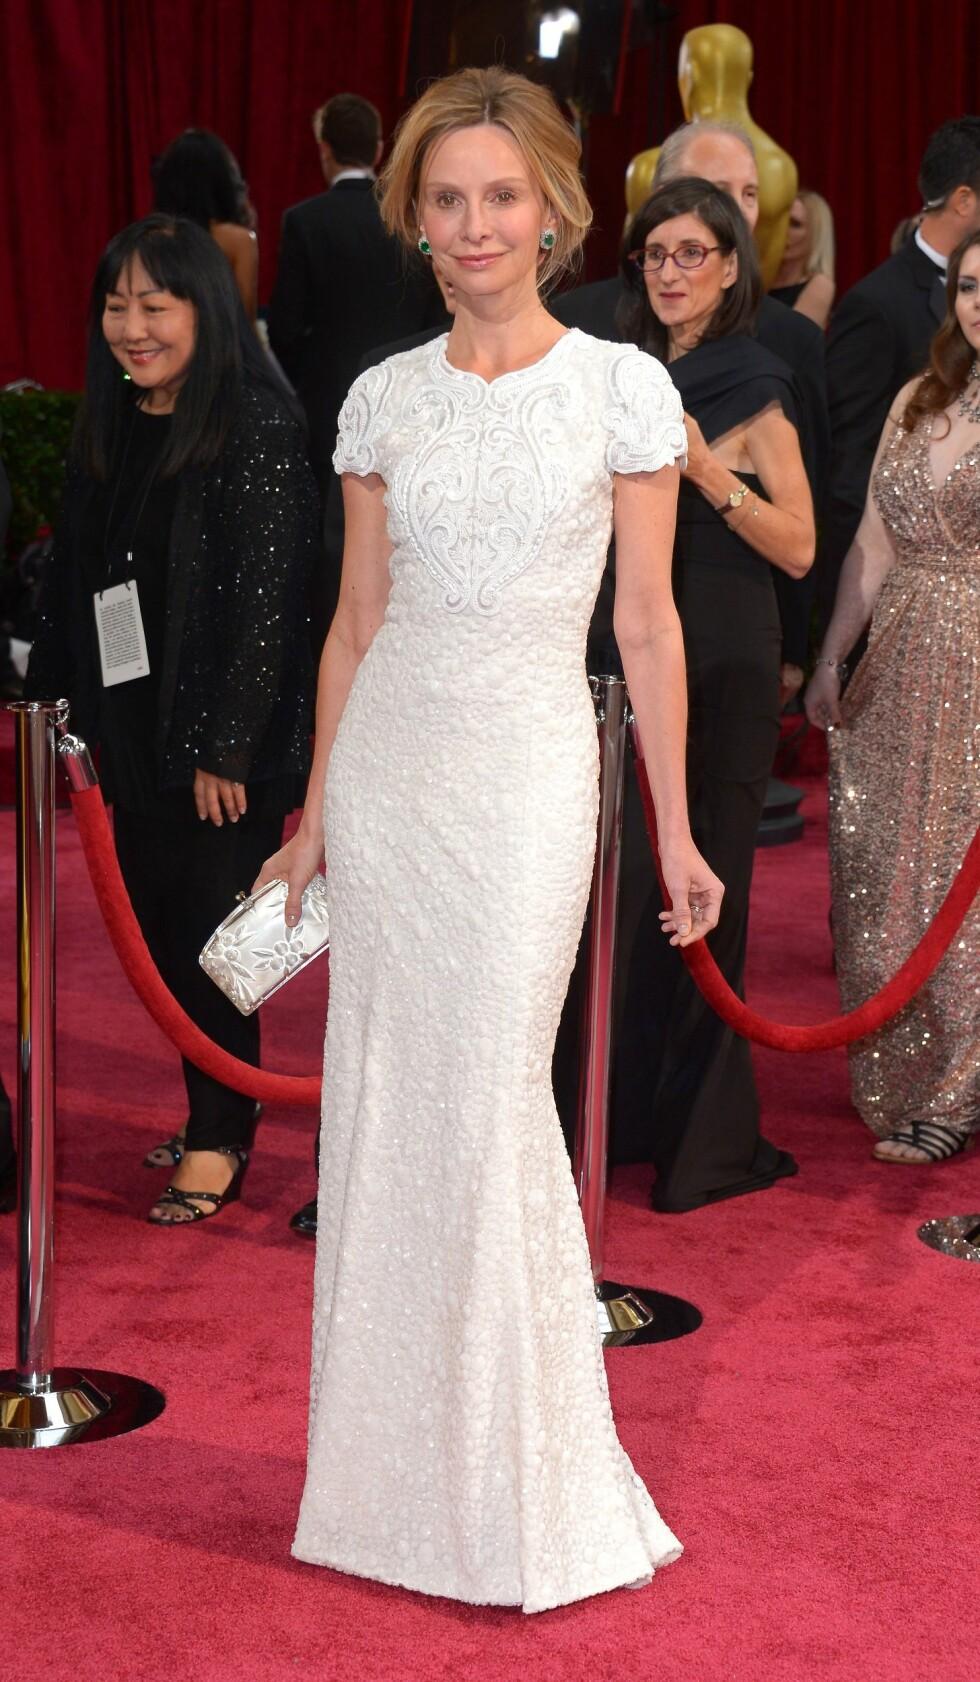 Skuespilleren Calista Flockhart (49) poserte for fotografene i en figursydd hvit kreasjon. Foto: REX/Stewart Cook/All Over Press